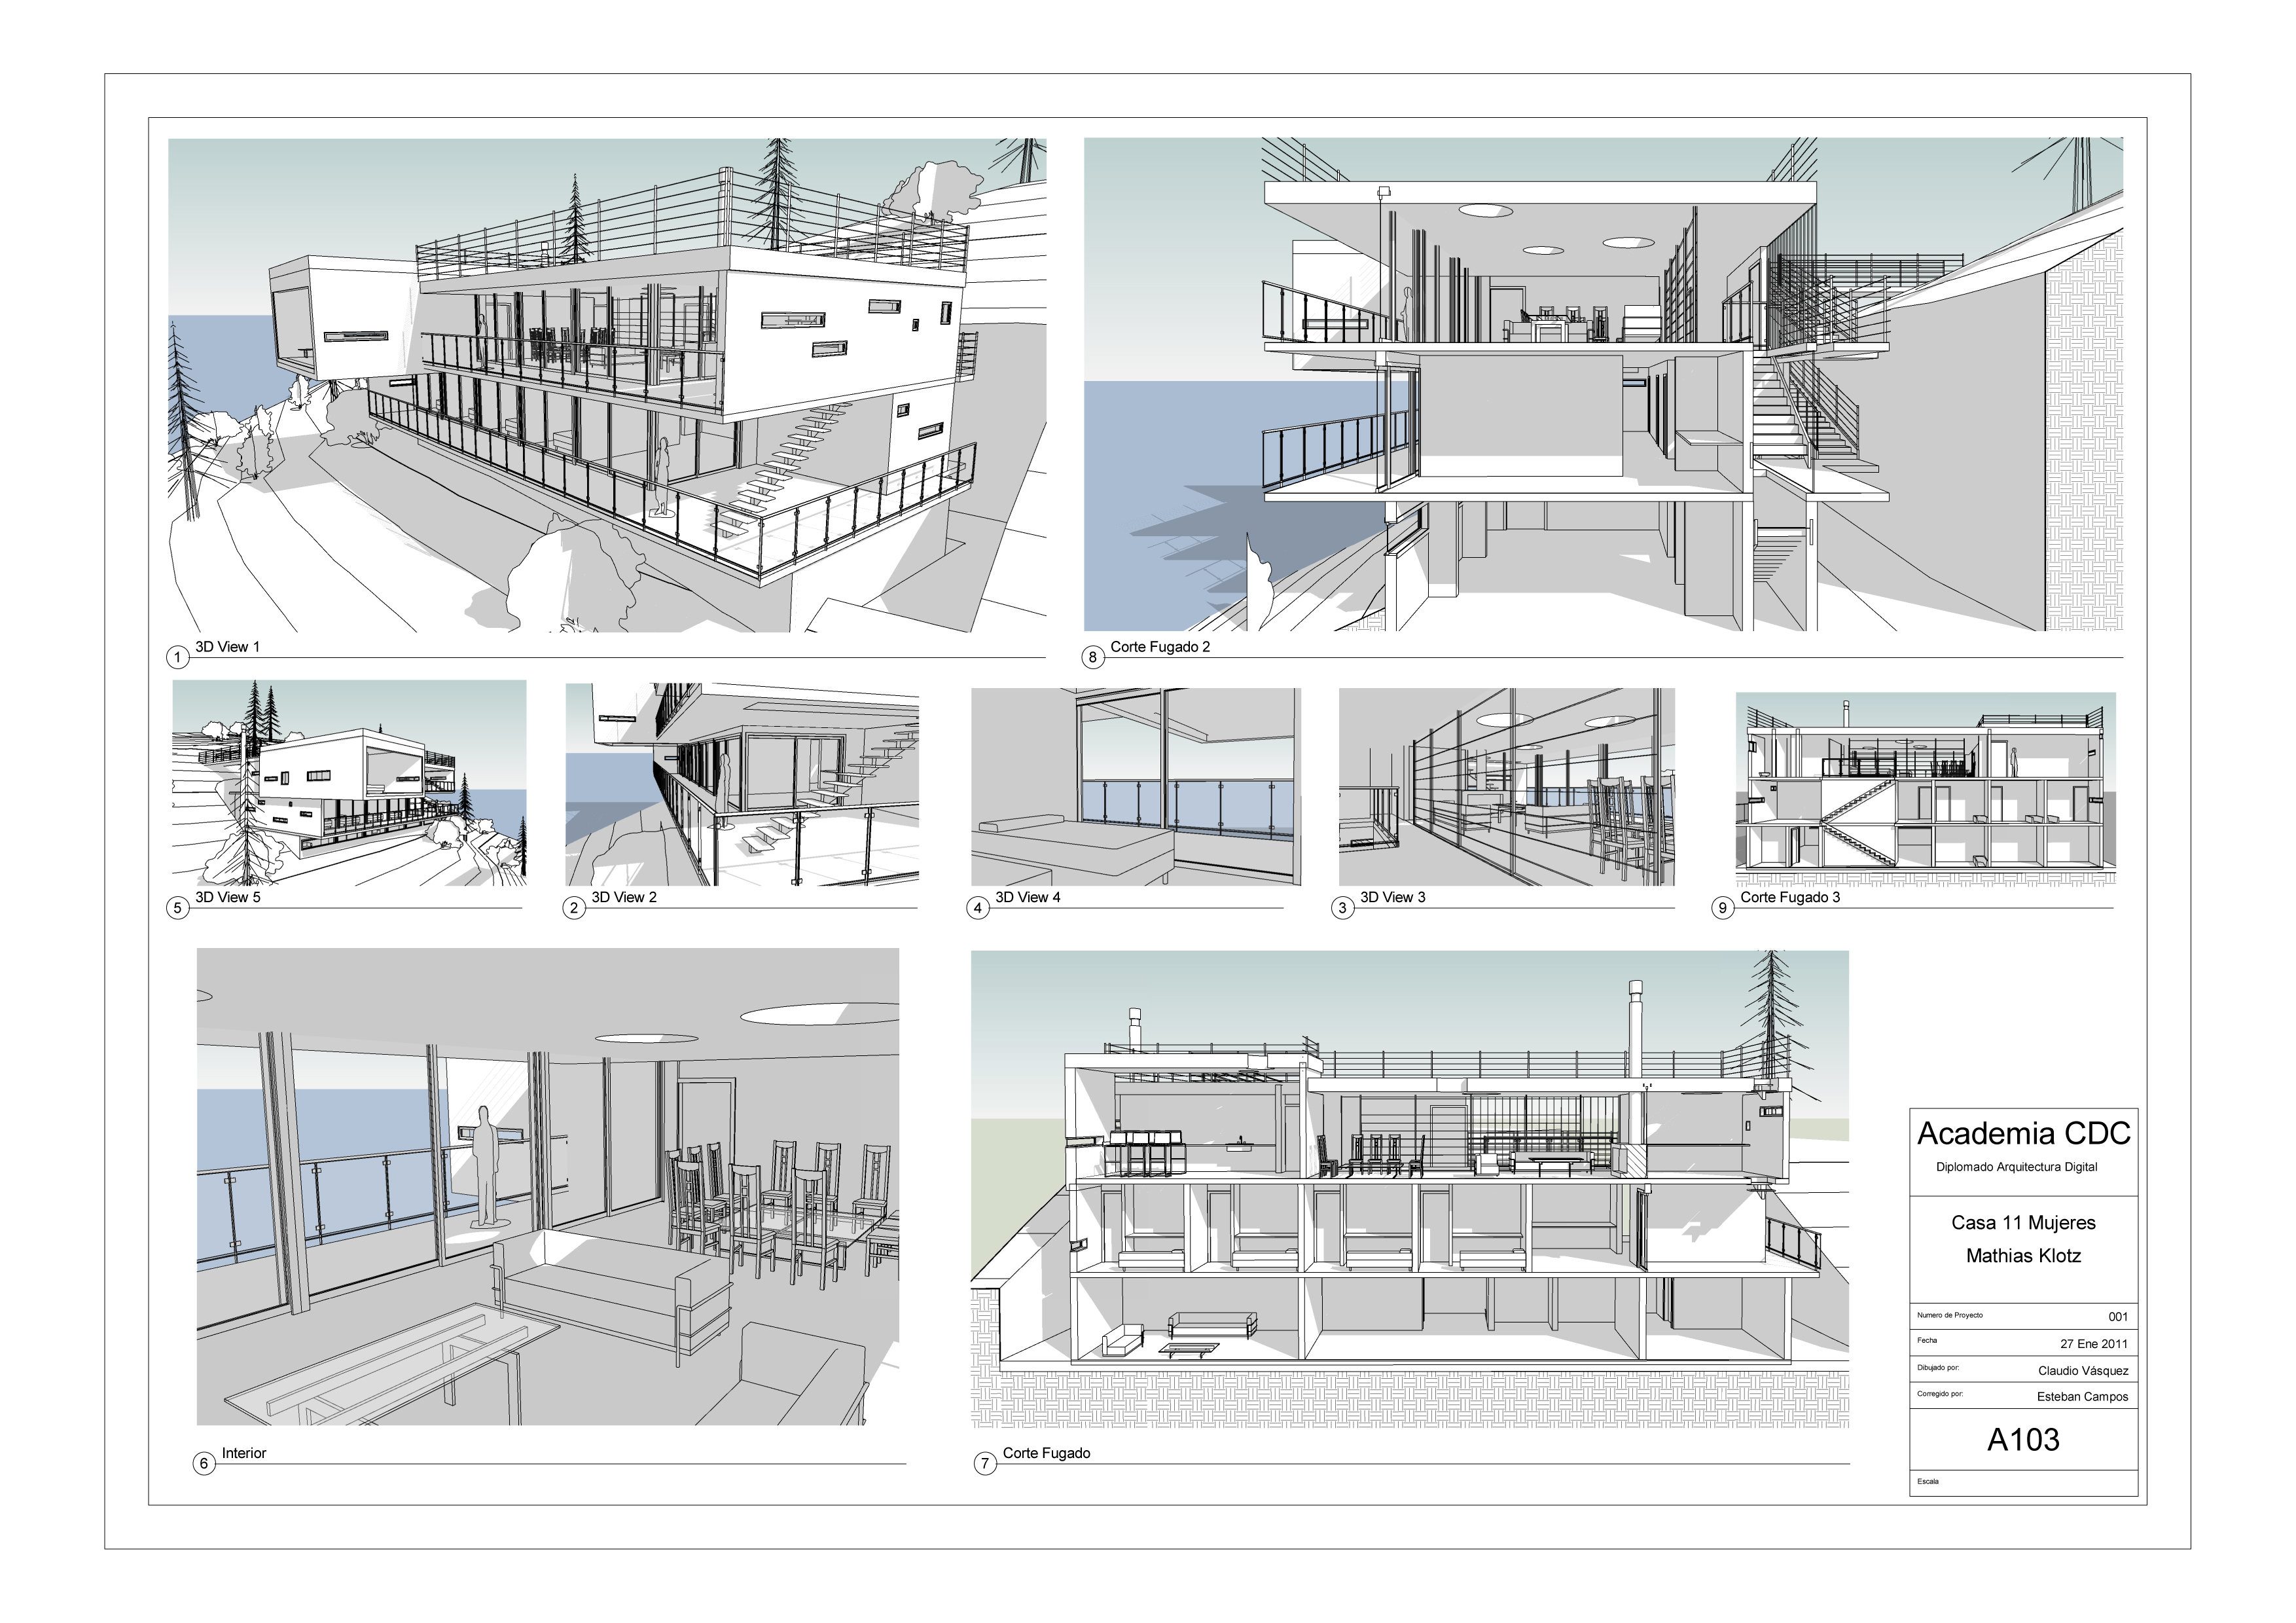 3dmax Revit Arquitectura By Claudio Vasquez At